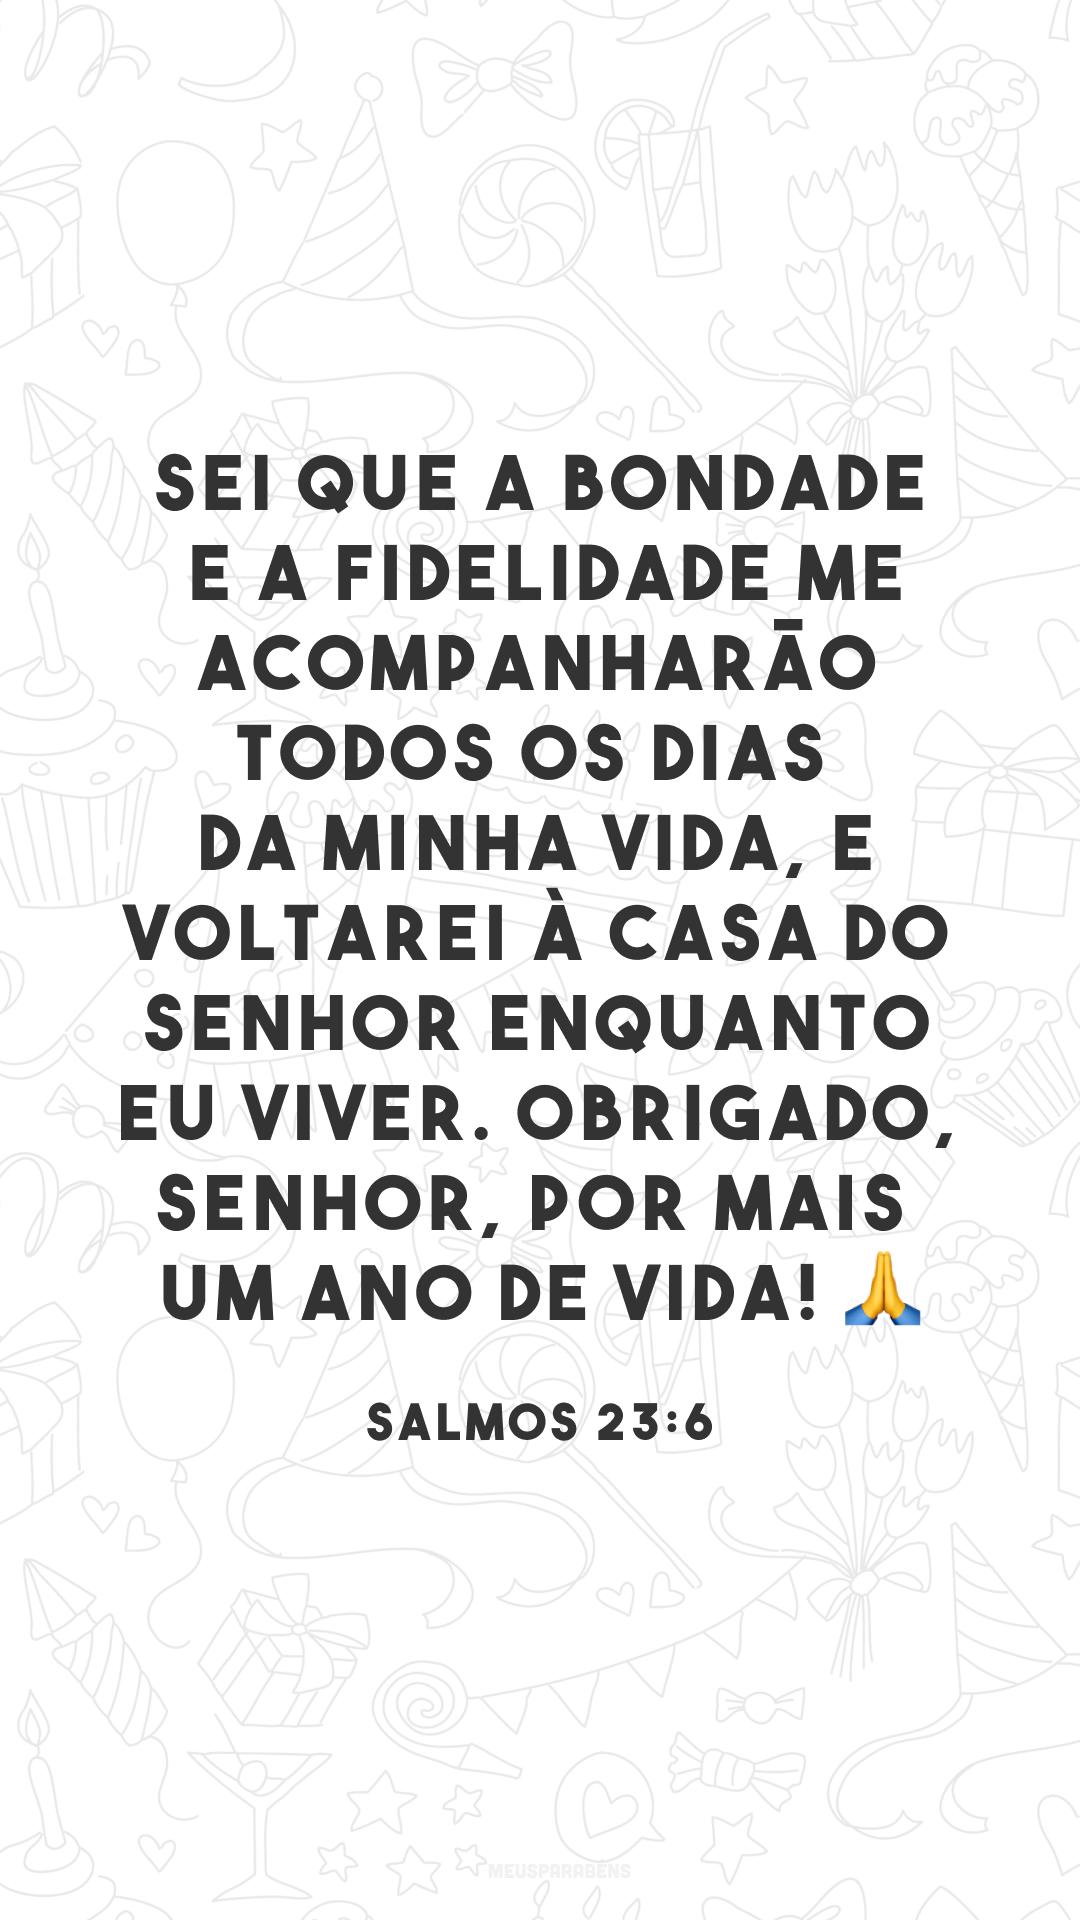 Sei que a bondade e a fidelidade me acompanharão todos os dias da minha vida, e voltarei à casa do Senhor enquanto eu viver. Obrigado, Senhor, por mais um ano de vida! 🙏